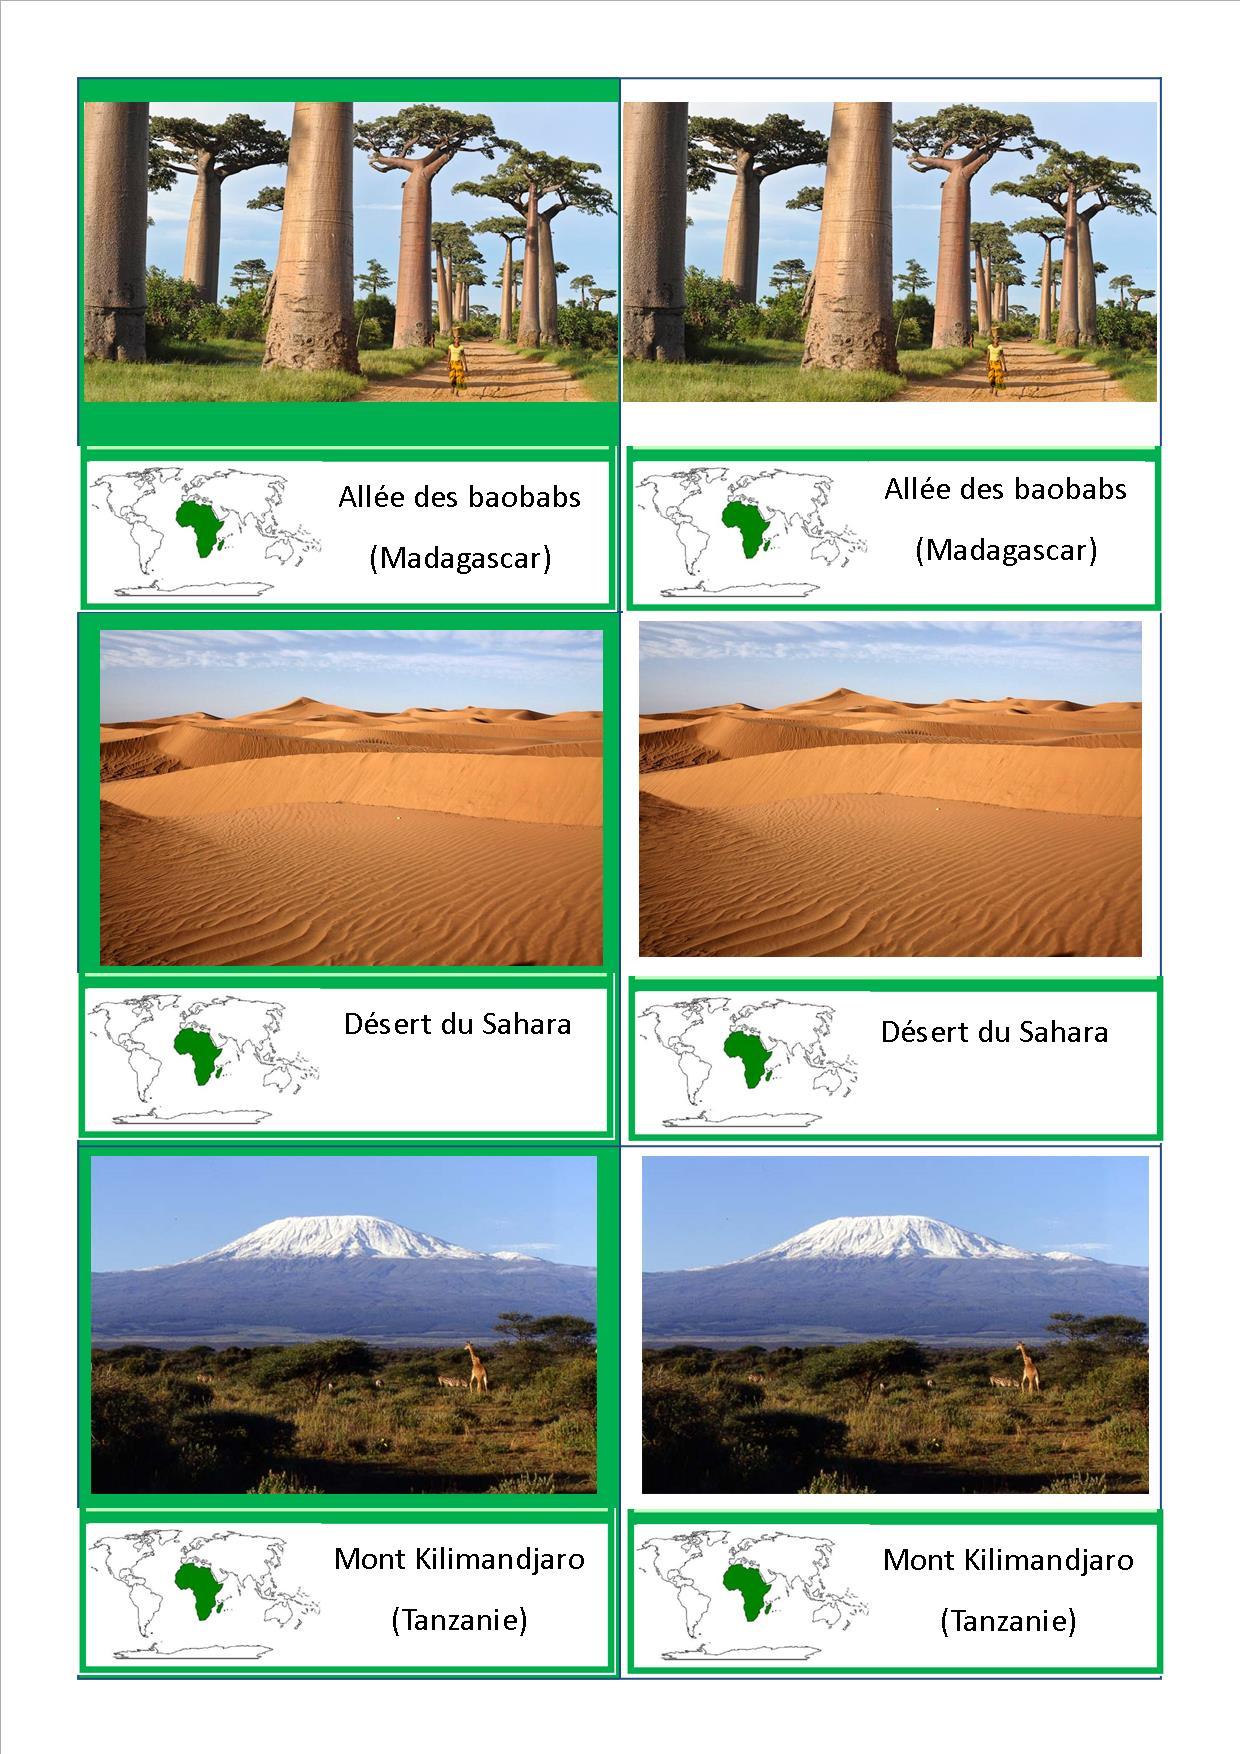 Cartes de nomenclature montessori des paysages du monde for Les habitations du monde